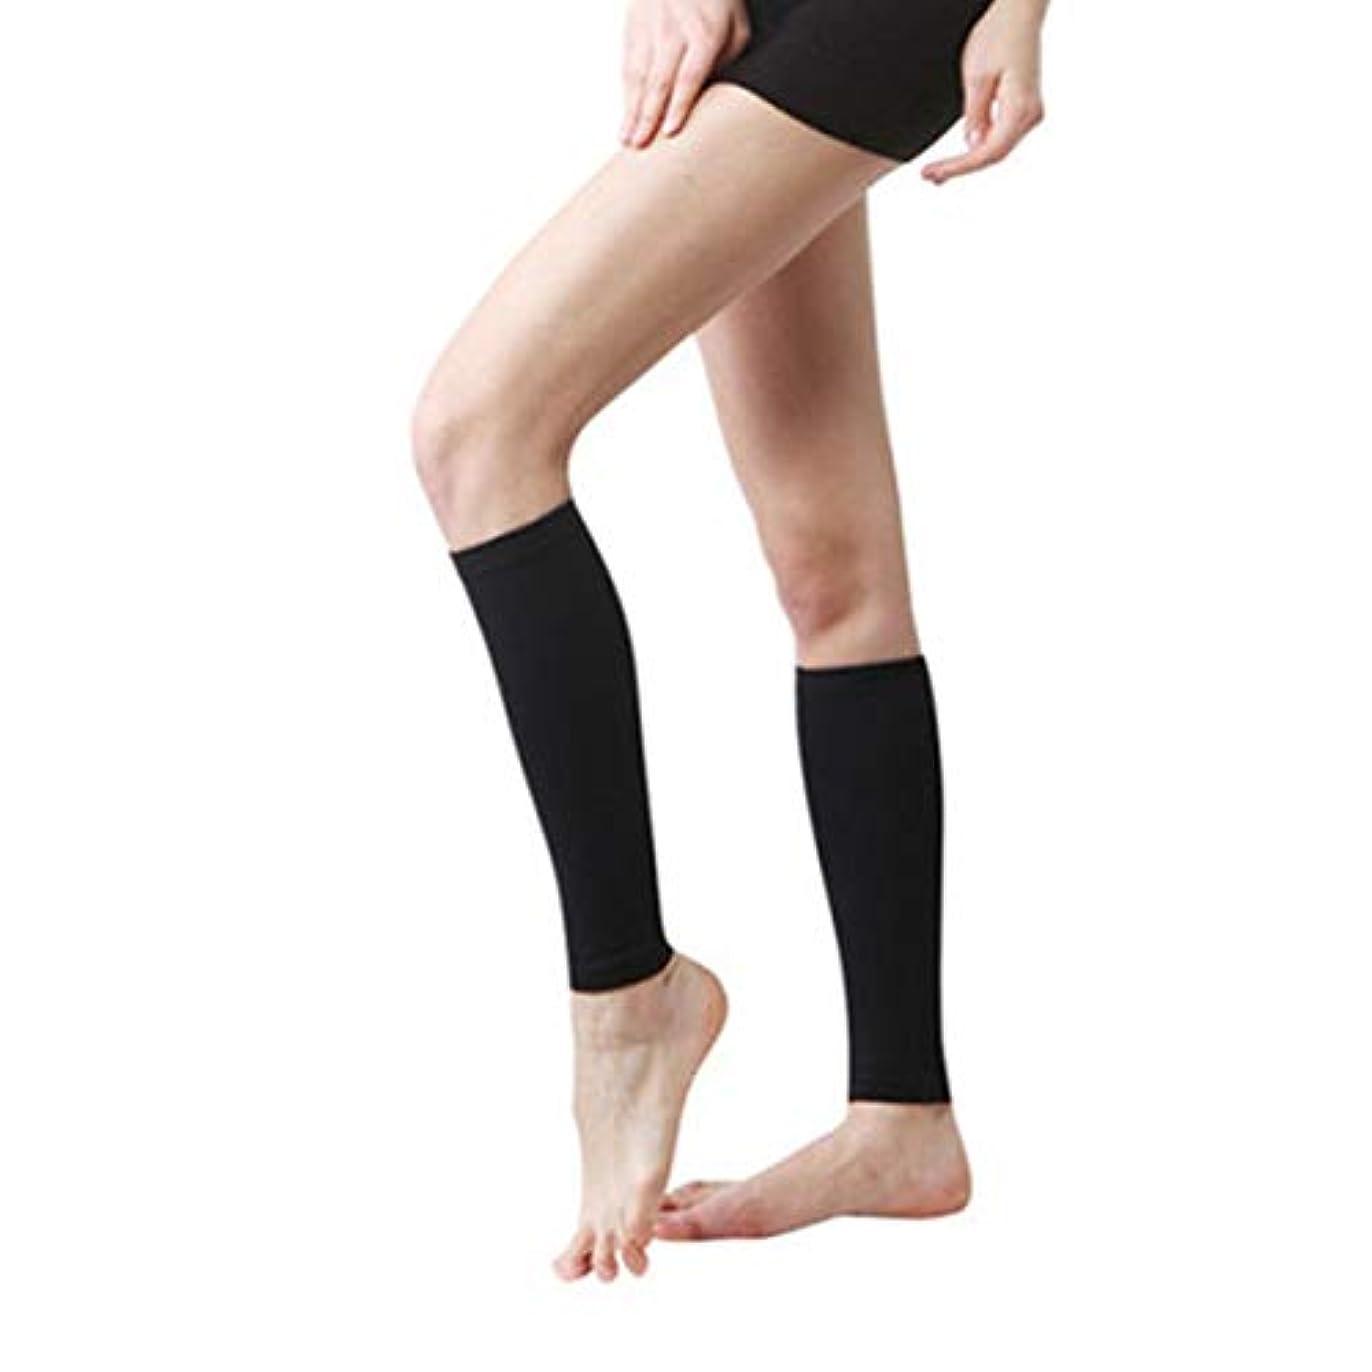 業界排出ハイキング丈夫な男性女性プロの圧縮靴下通気性のある旅行活動看護師用シンススプリントフライトトラベル - ブラック